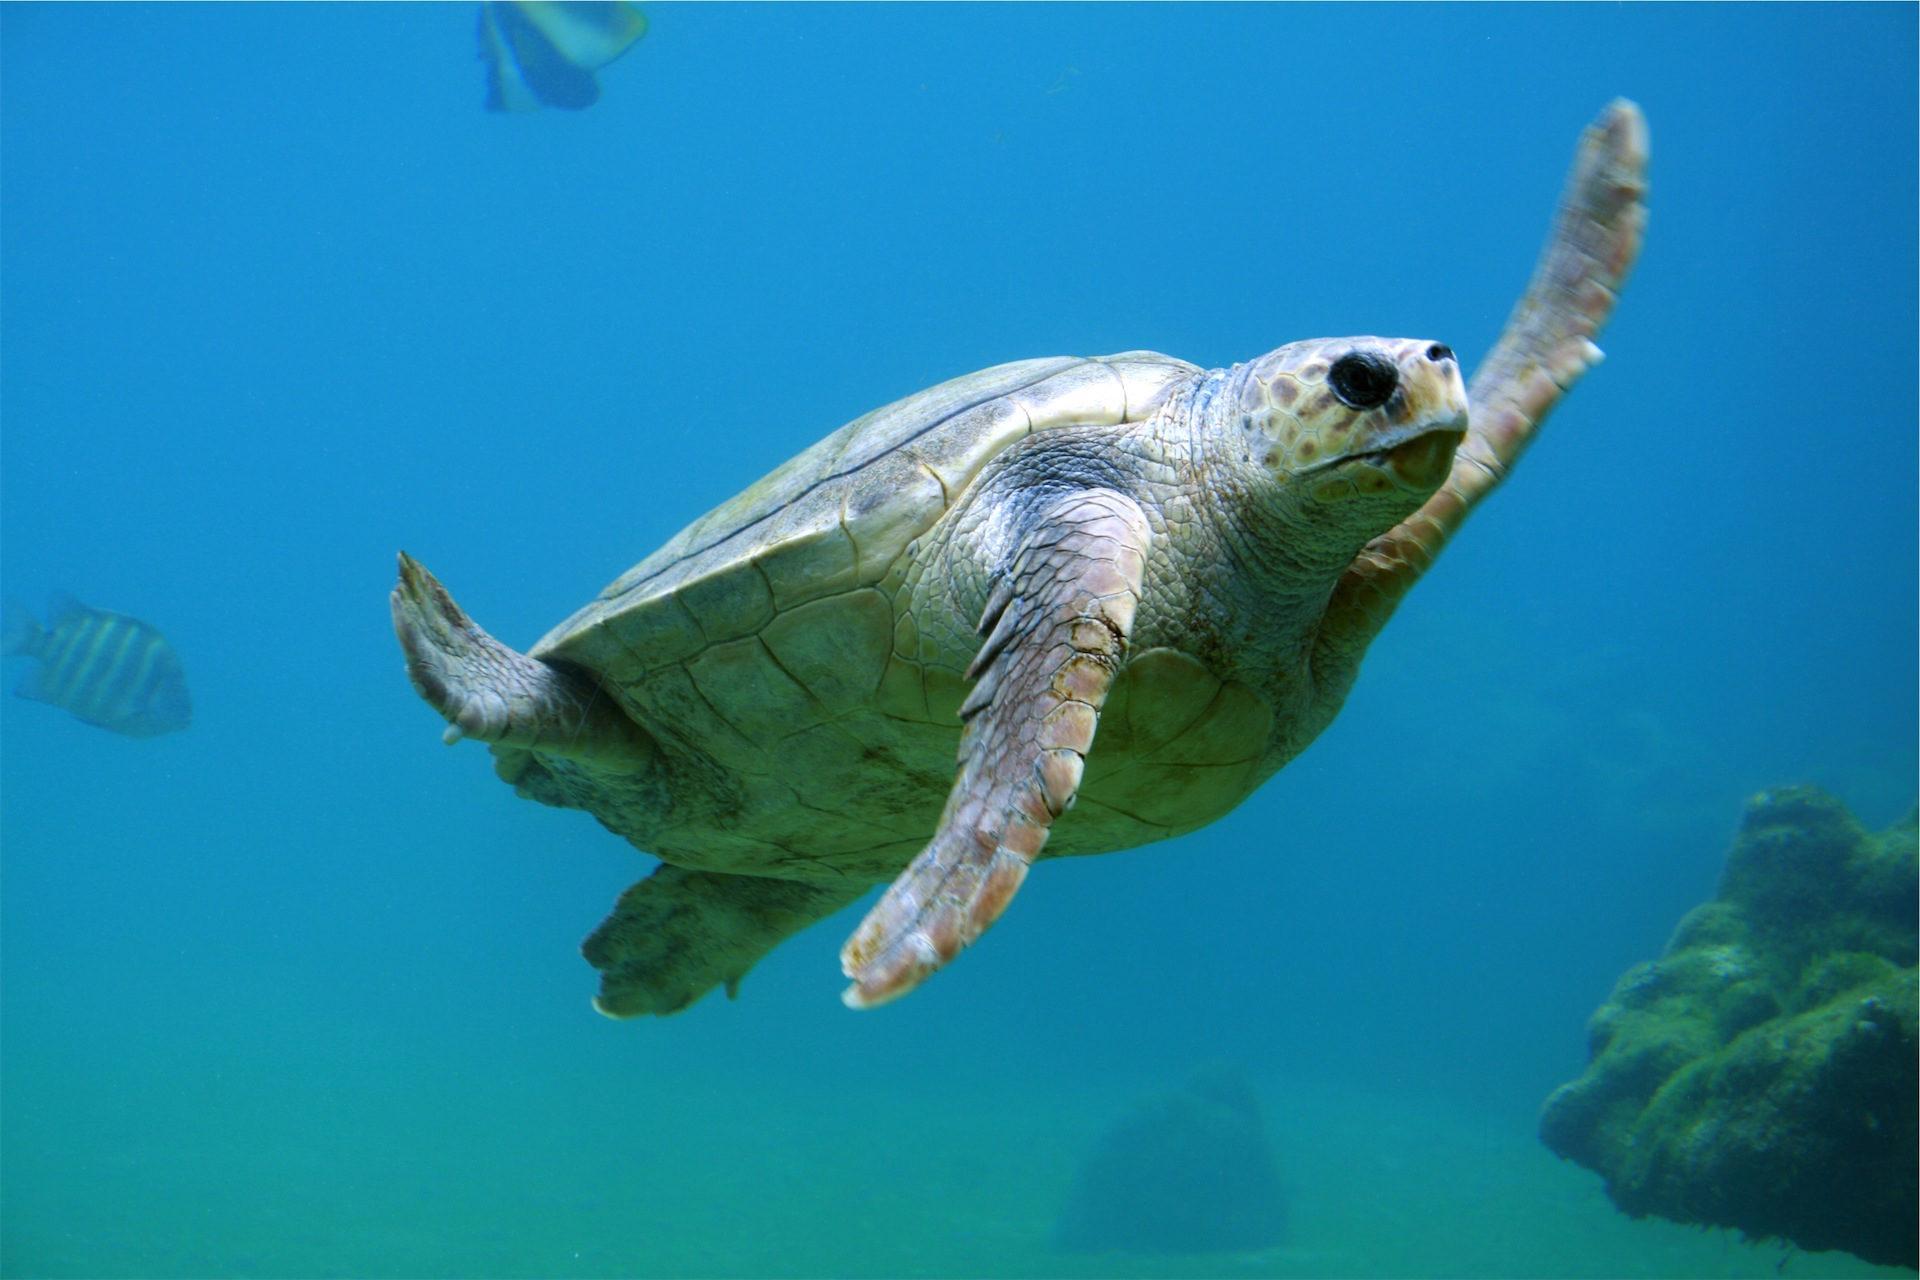 Tartaruga, sott'acqua, Mare, Ocean, Marino - Sfondi HD - Professor-falken.com